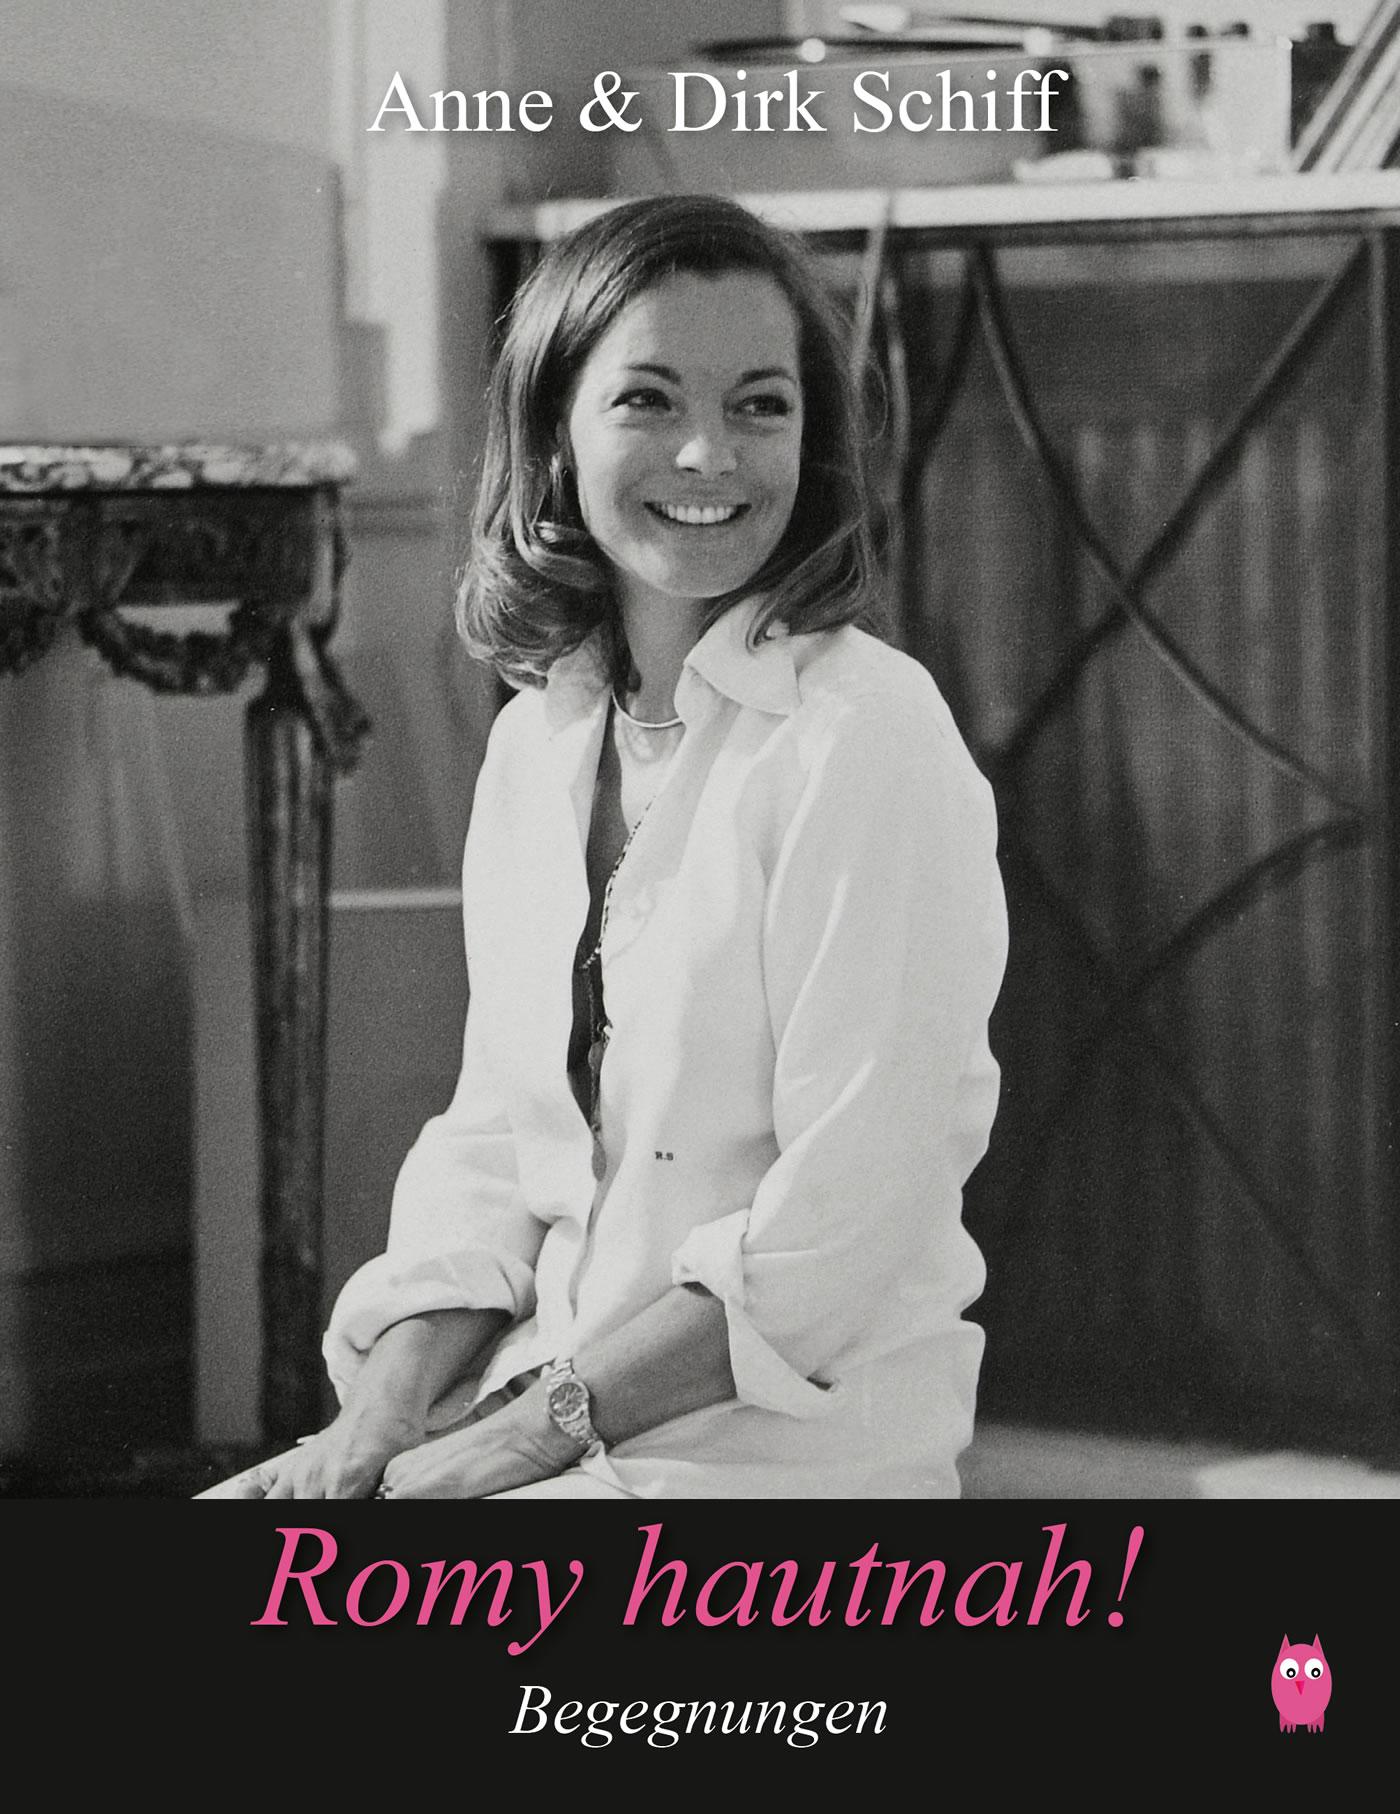 Romy hautnah! Begegnungen Anne Schiff